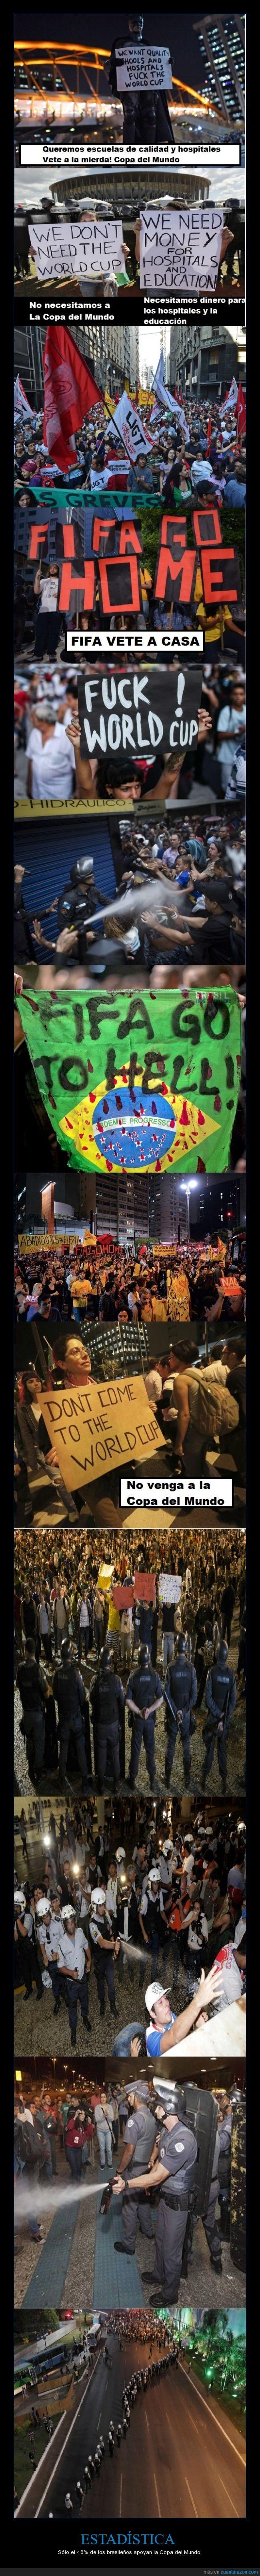 Brasil,conflictos,Copa del Mundo,pobreza,problemas,protestas,World Cup